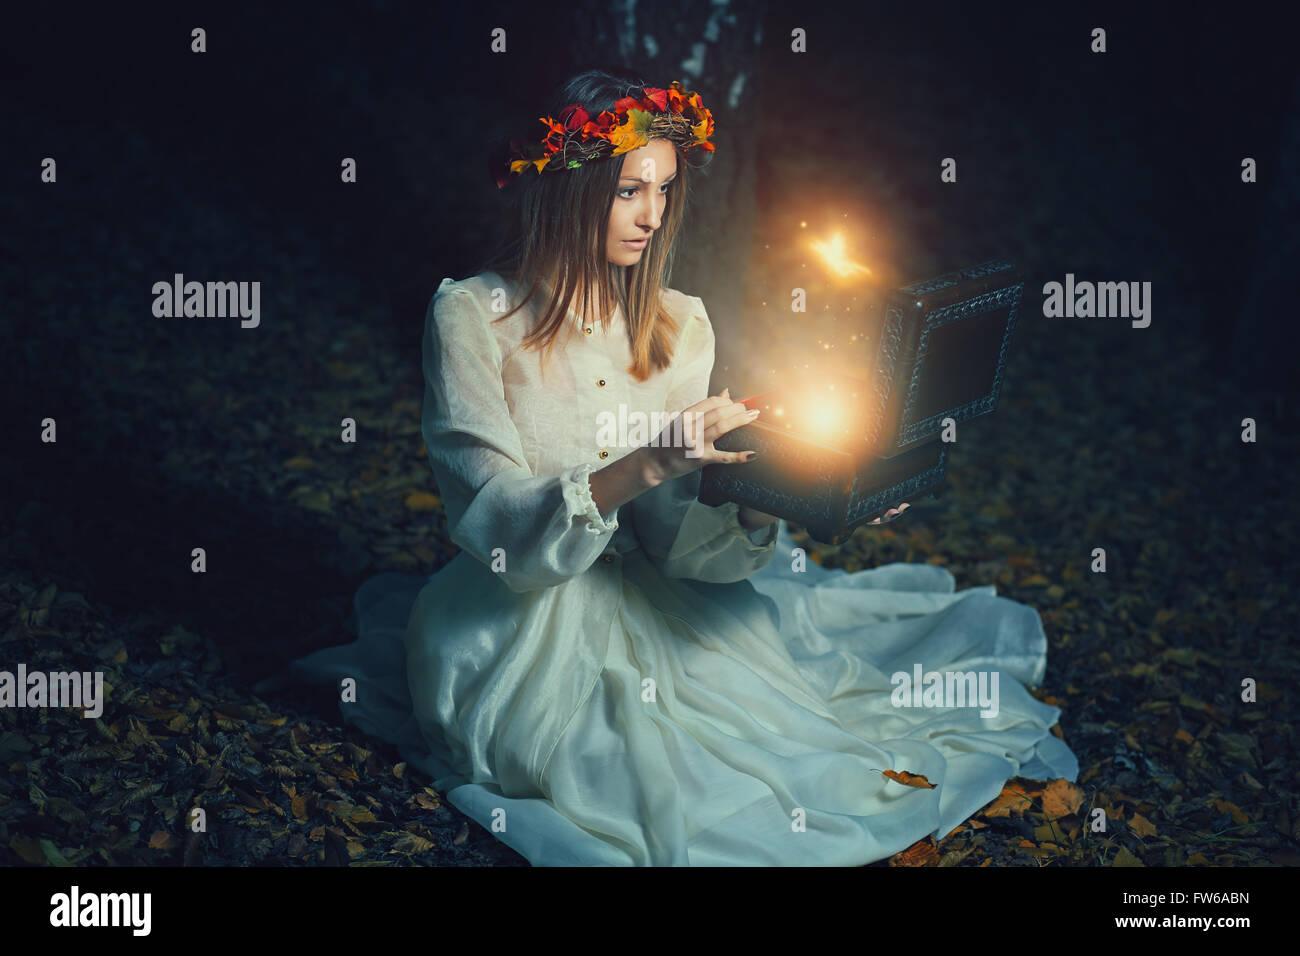 Schöne Frau öffnet eine magische Kiste voller Feen. Fantasie-Konzept Stockbild